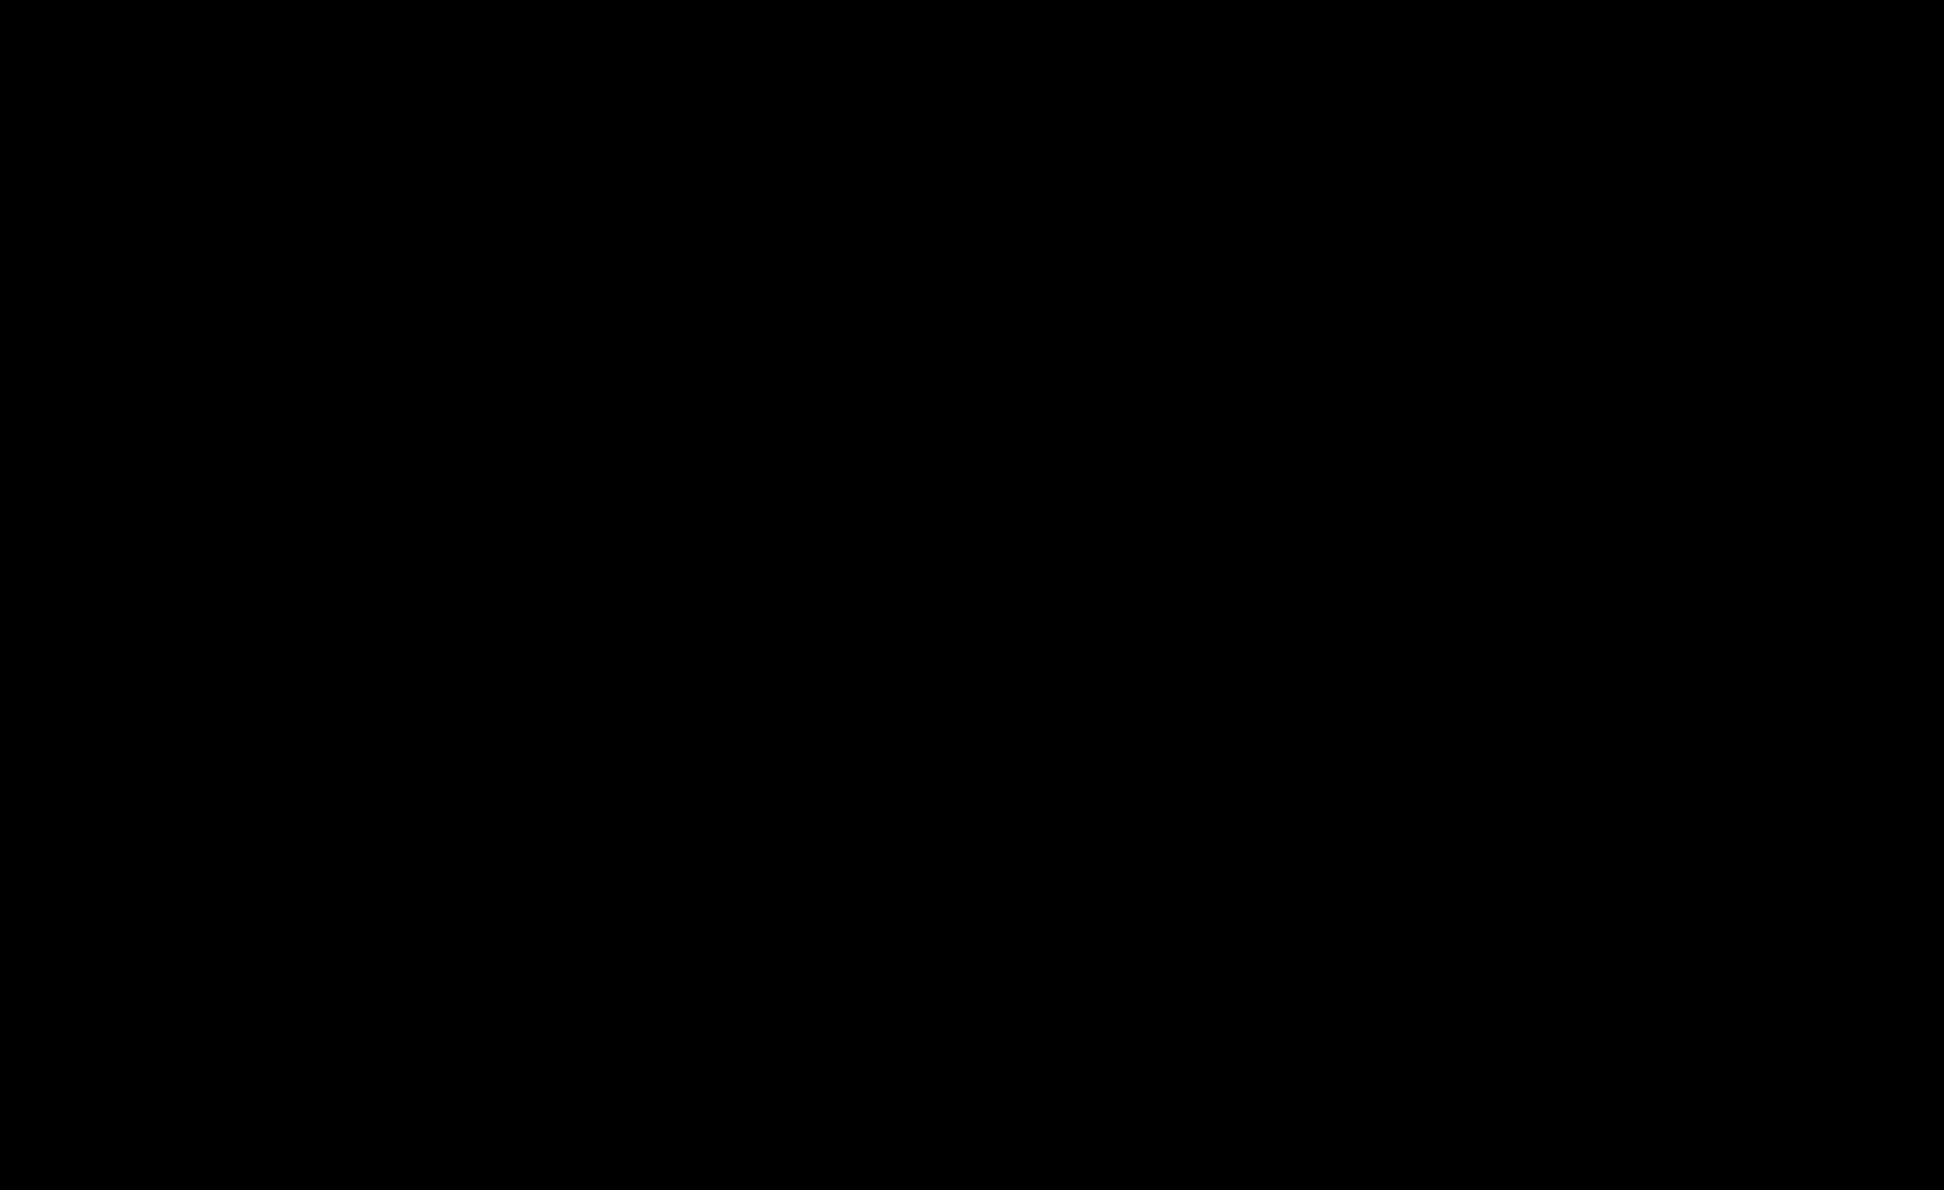 Tsjuder